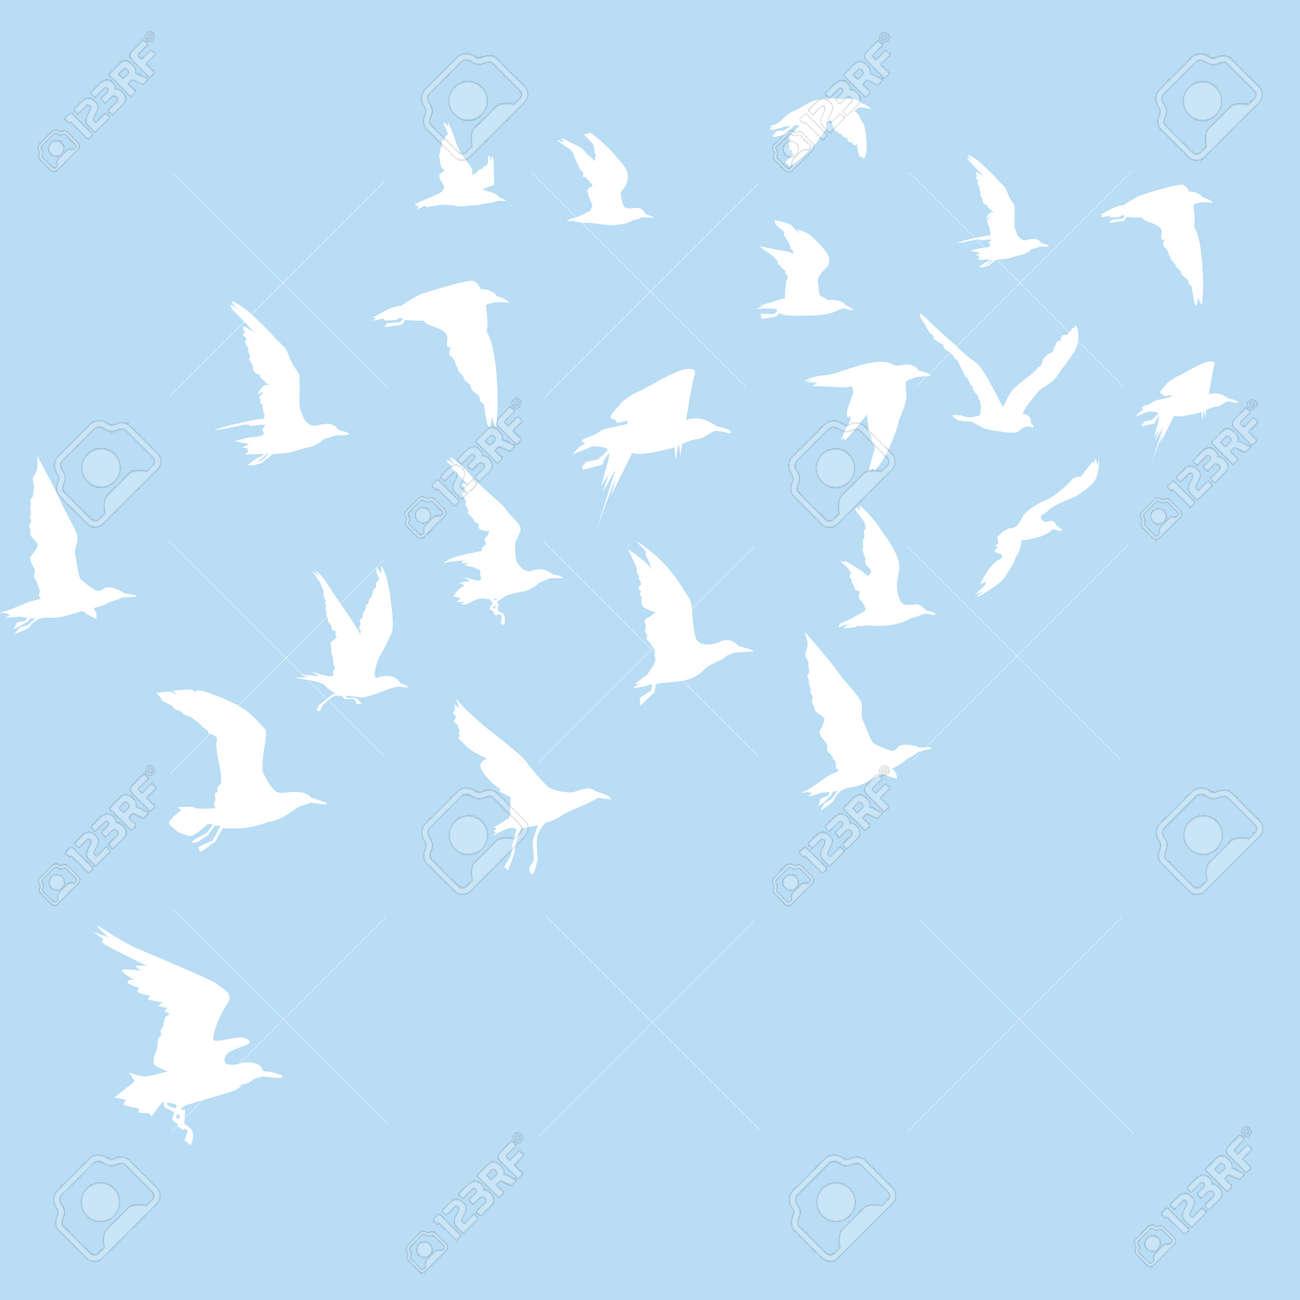 飛ぶ鳥の白のシルエット